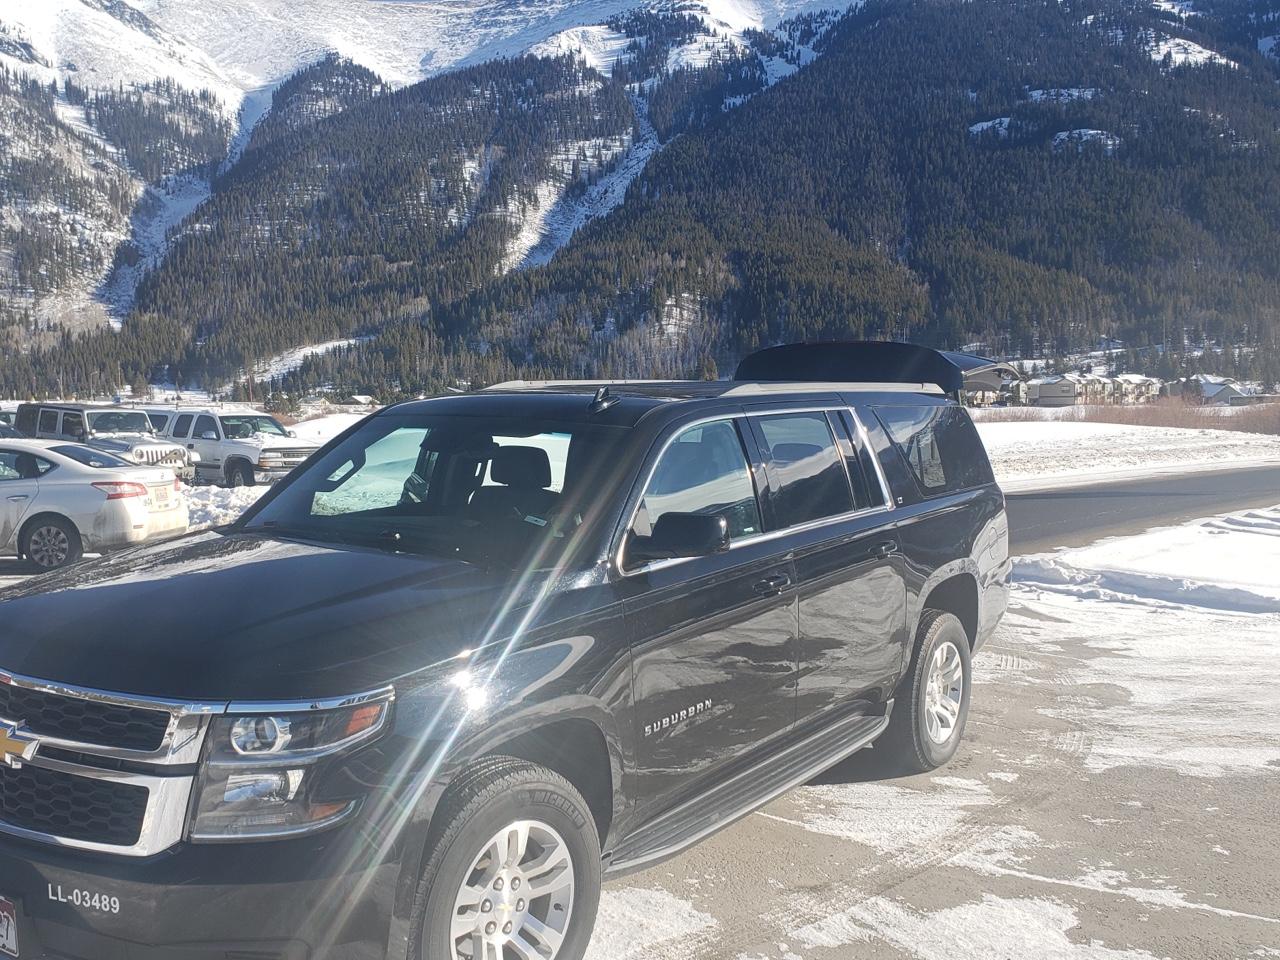 black Suburban SUV at Copper Mountain